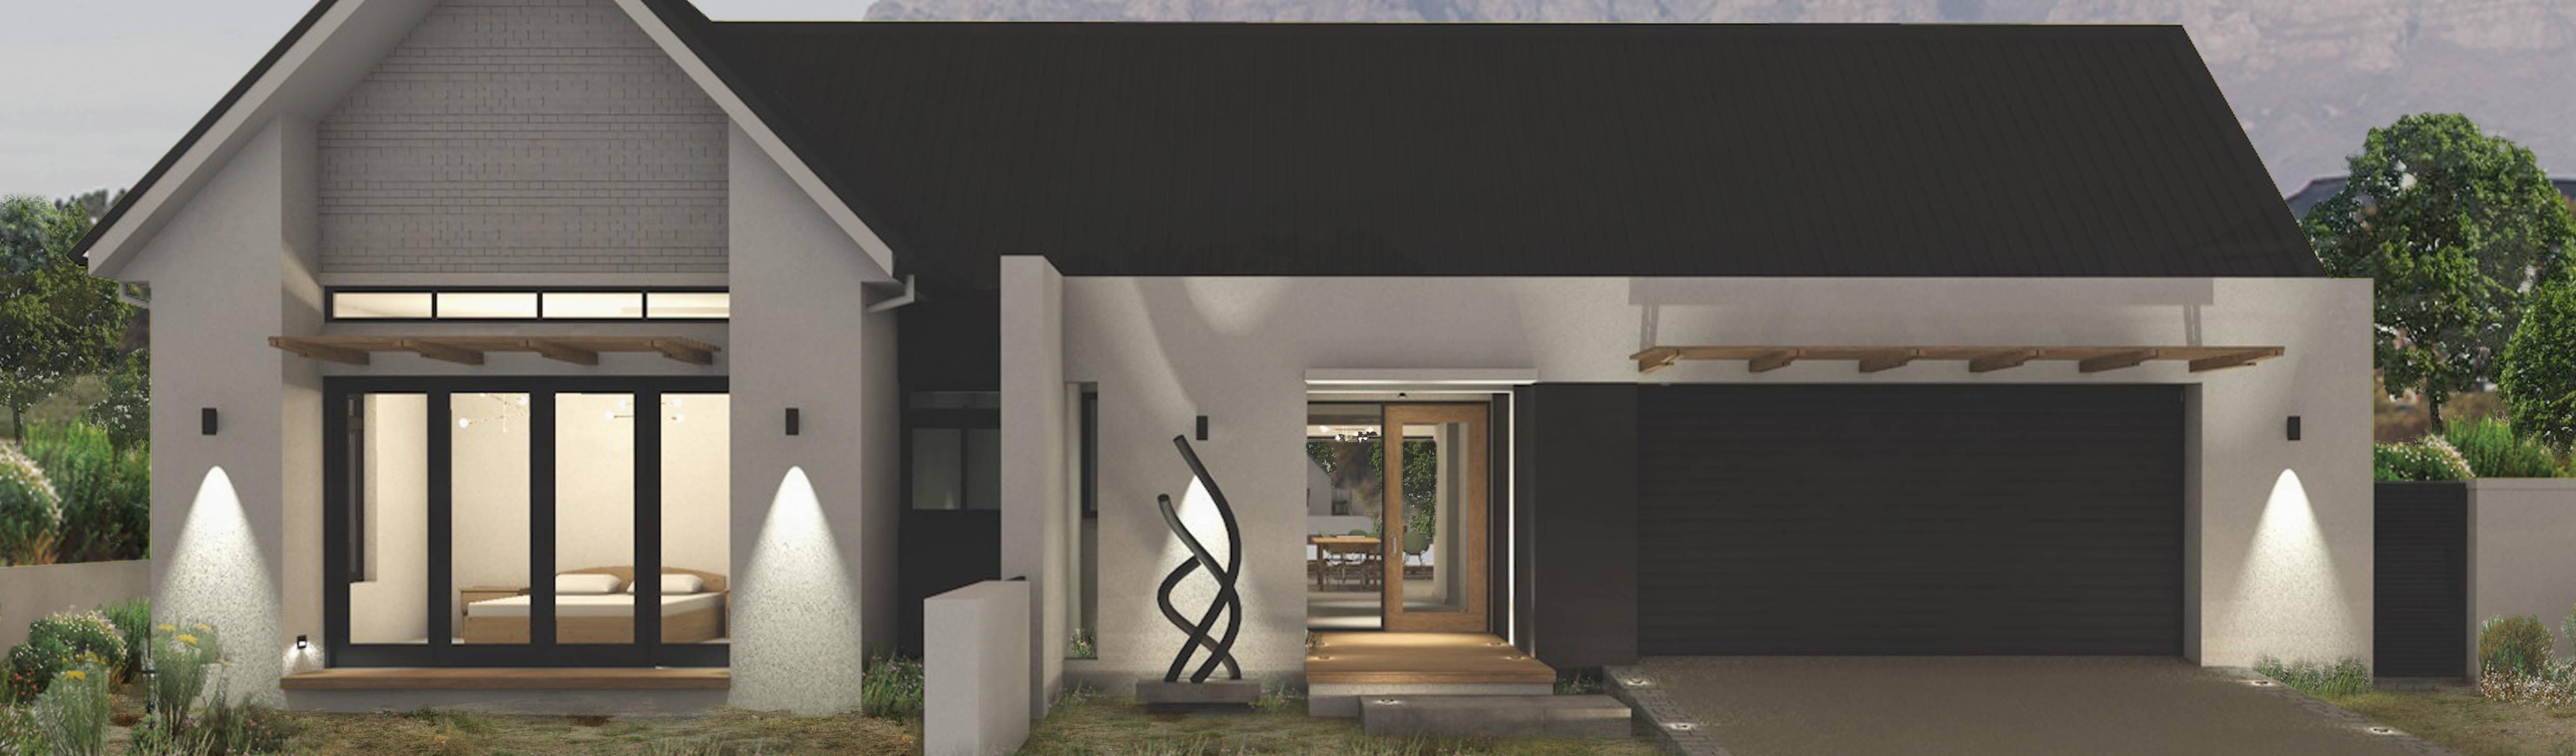 Abré Marais Architects